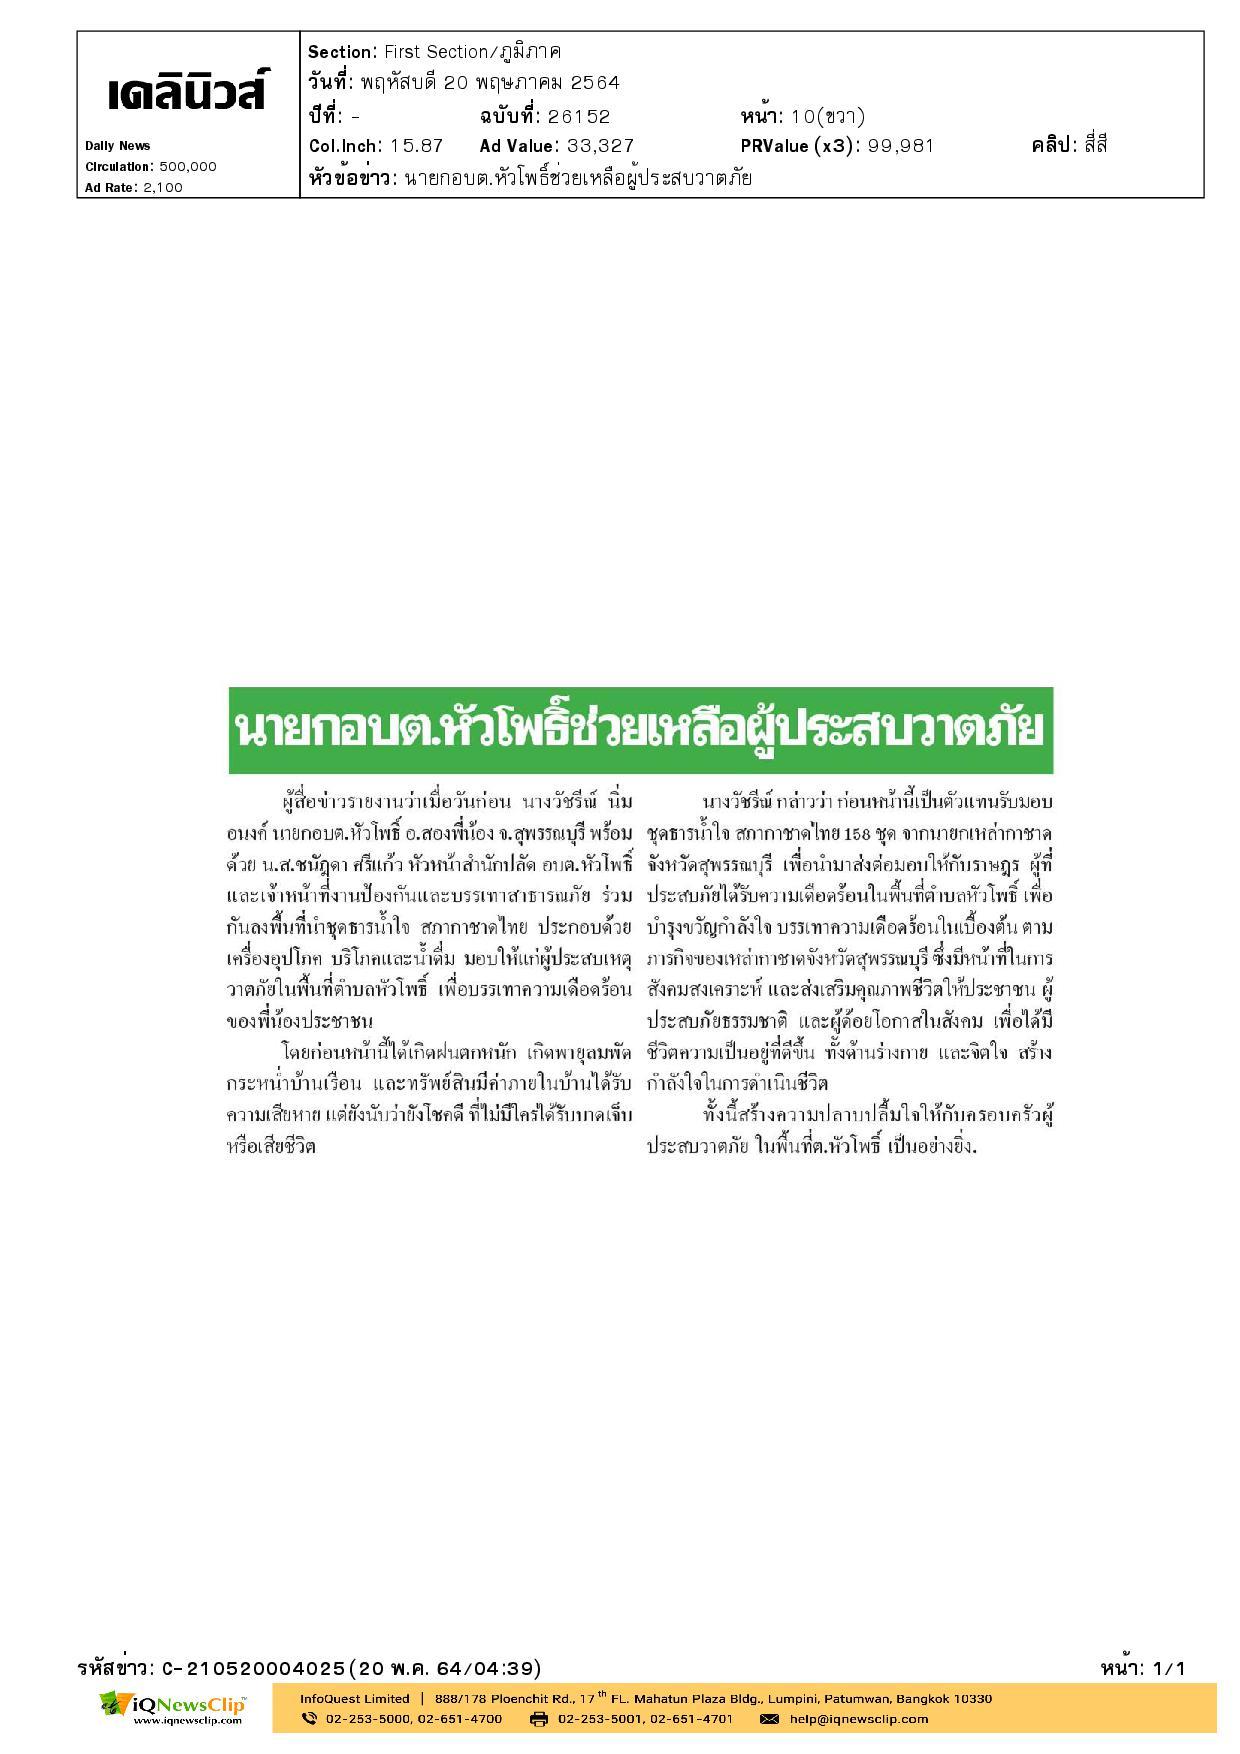 ชุดธารน้ำใจ สภากาชาดไทย ไปมอบให้กับประชาชนผู้ประสบเหตุวาตภัย